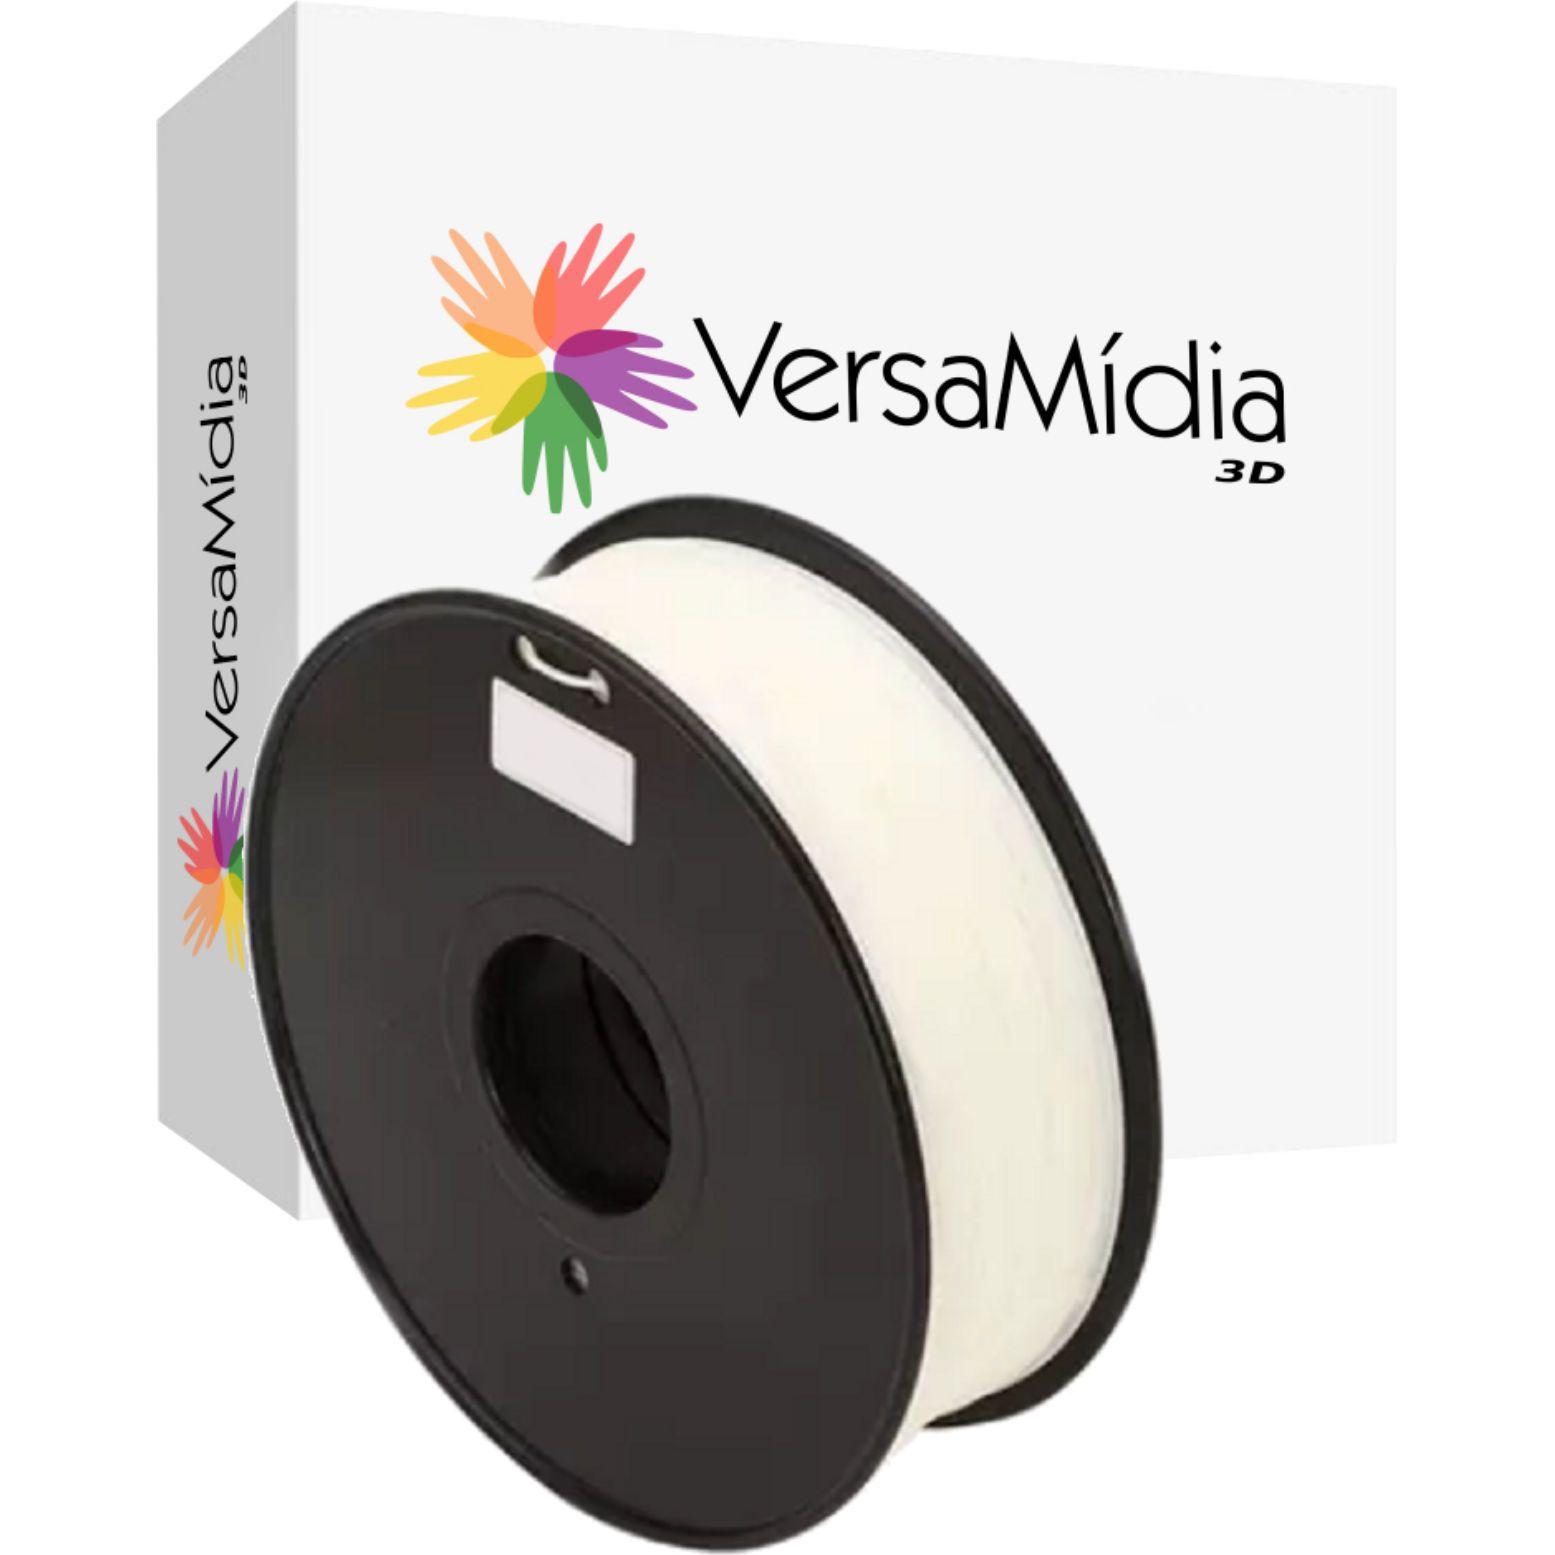 Filamento Flexível TPU  Premium 1.75mm 0.8Kg Bobina Black Spool Impressão 3D  - 11526, 11531